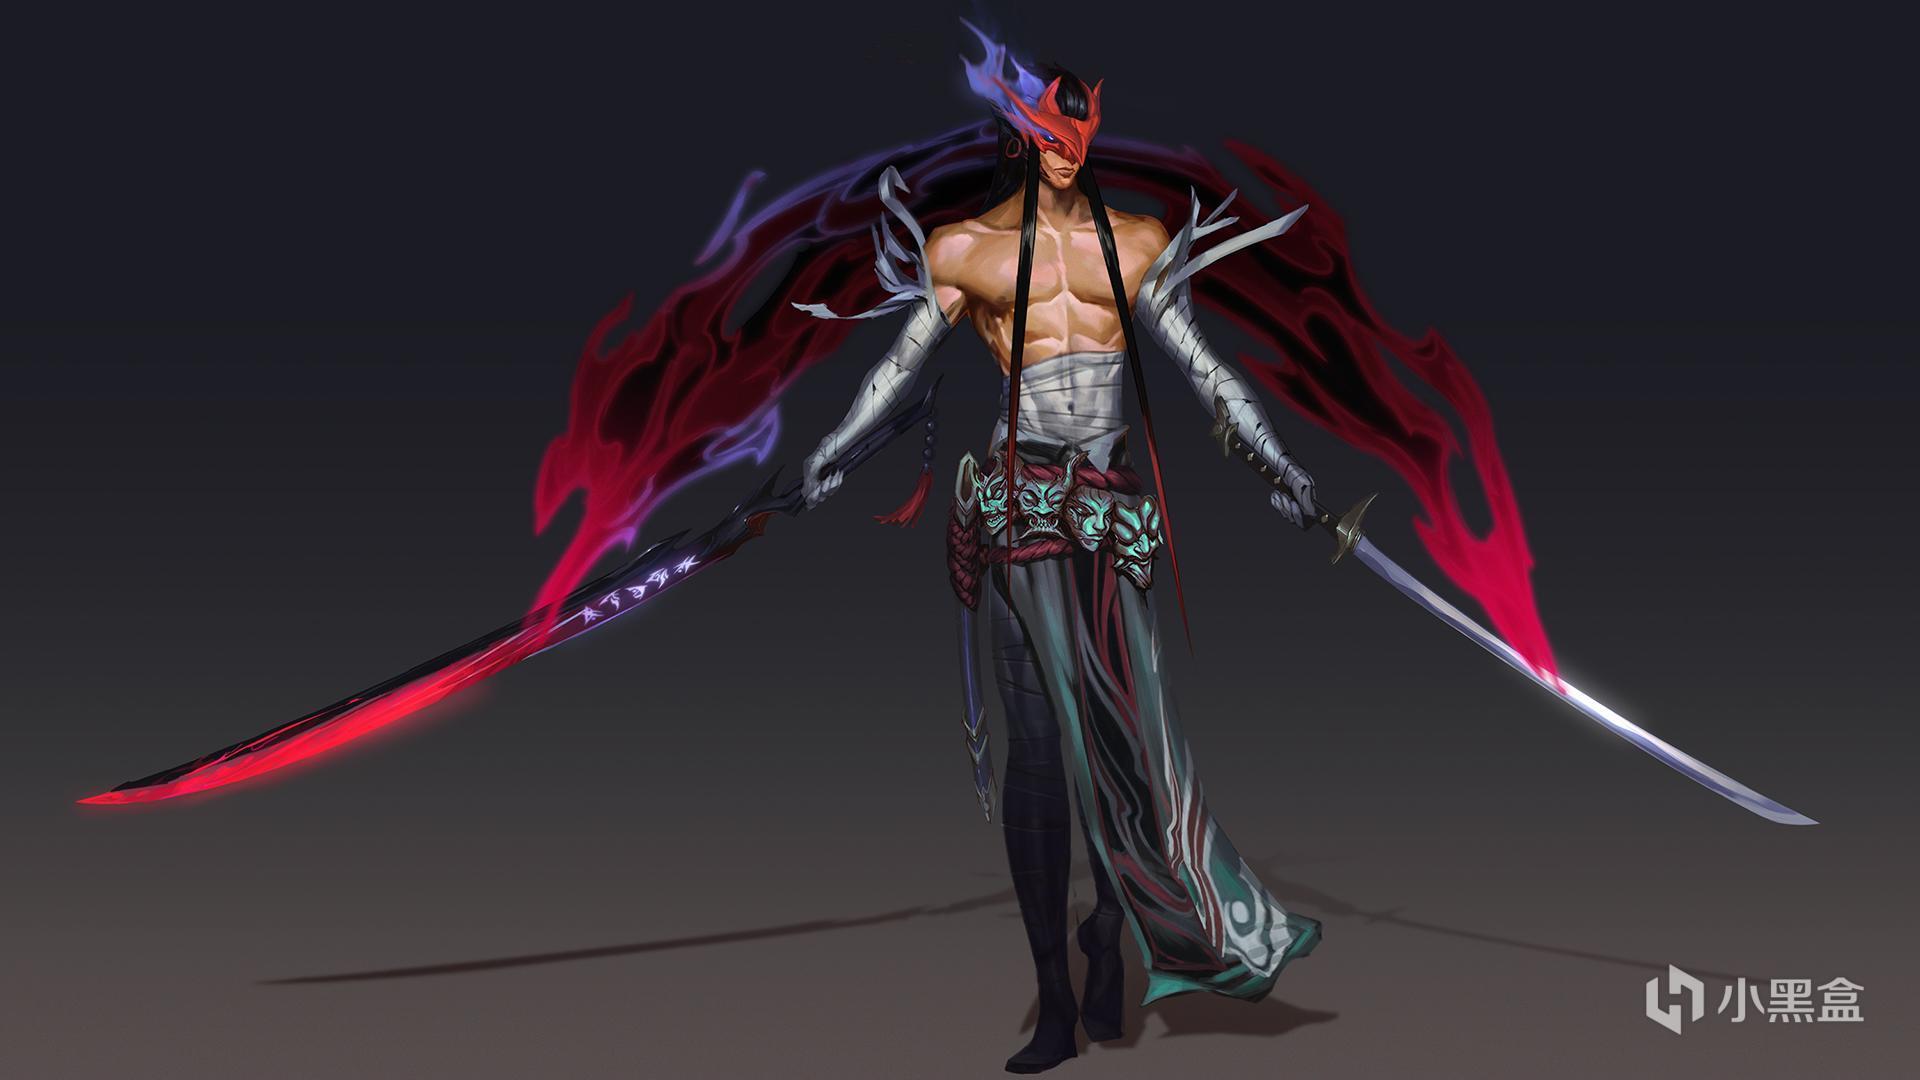 英雄剖析:永恩 亚索快乐的时候,他都在苦练剑术